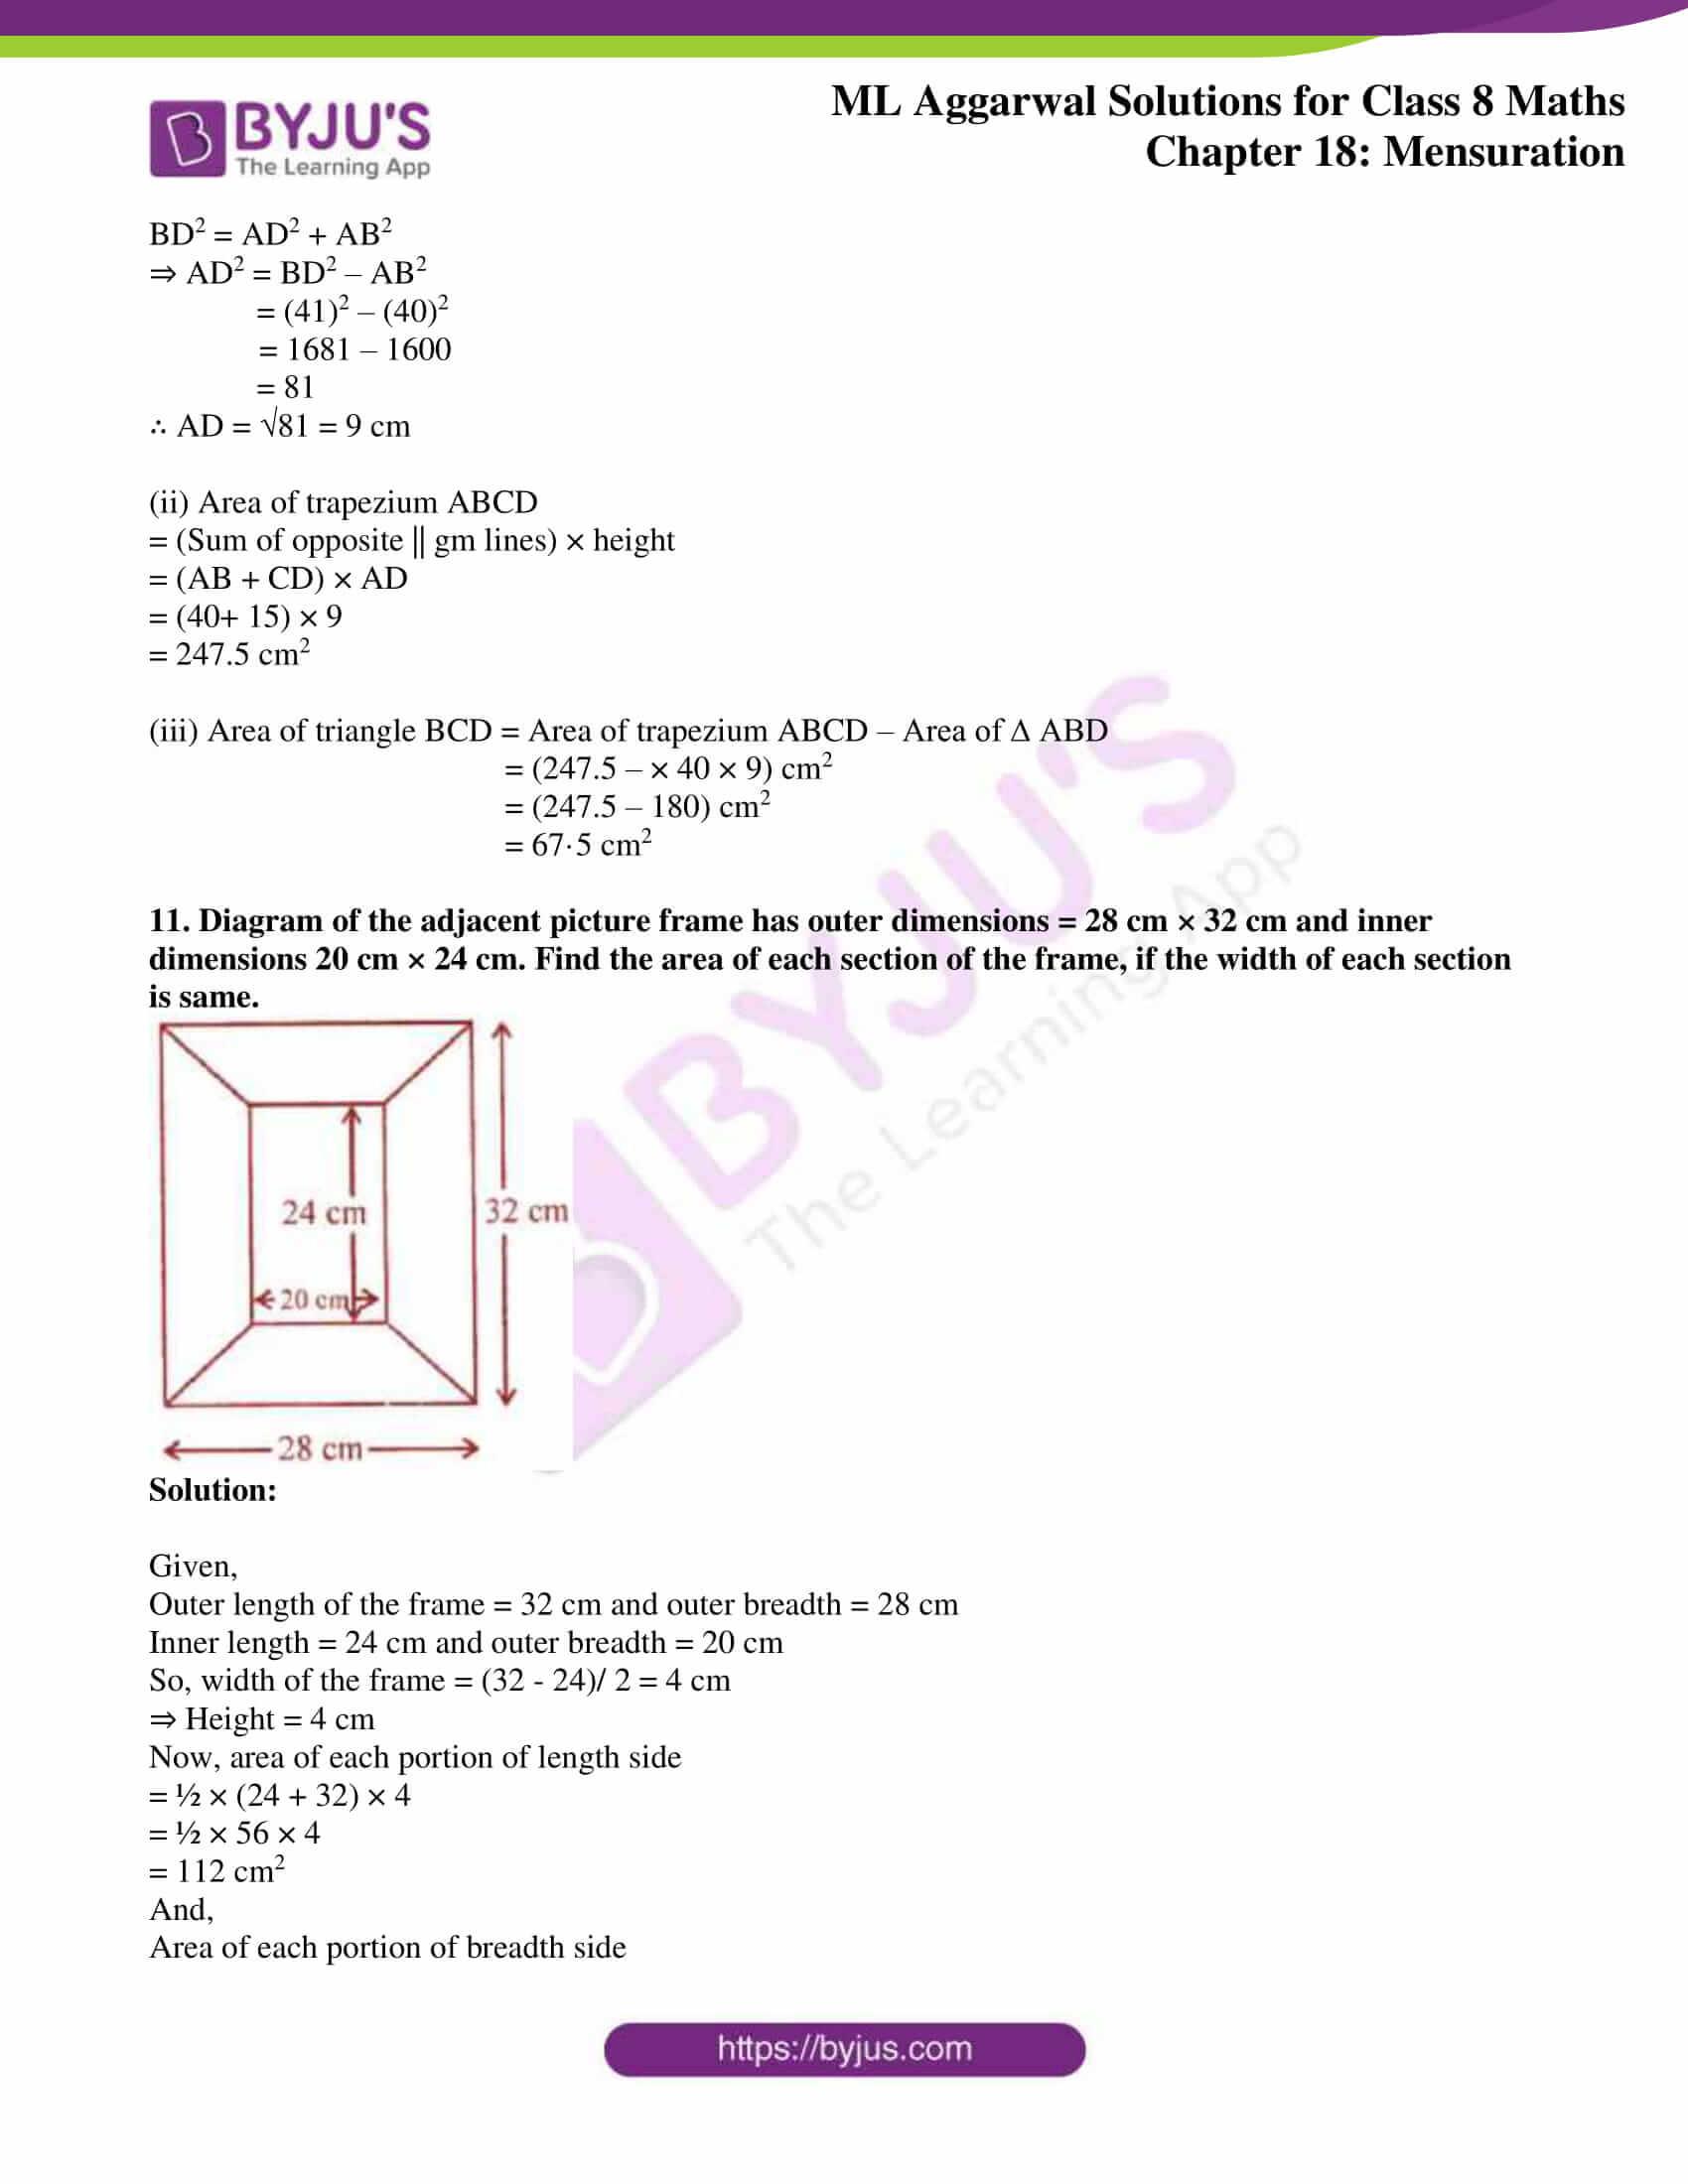 ml aggarwal sol mathematics class 8 ch 18 13